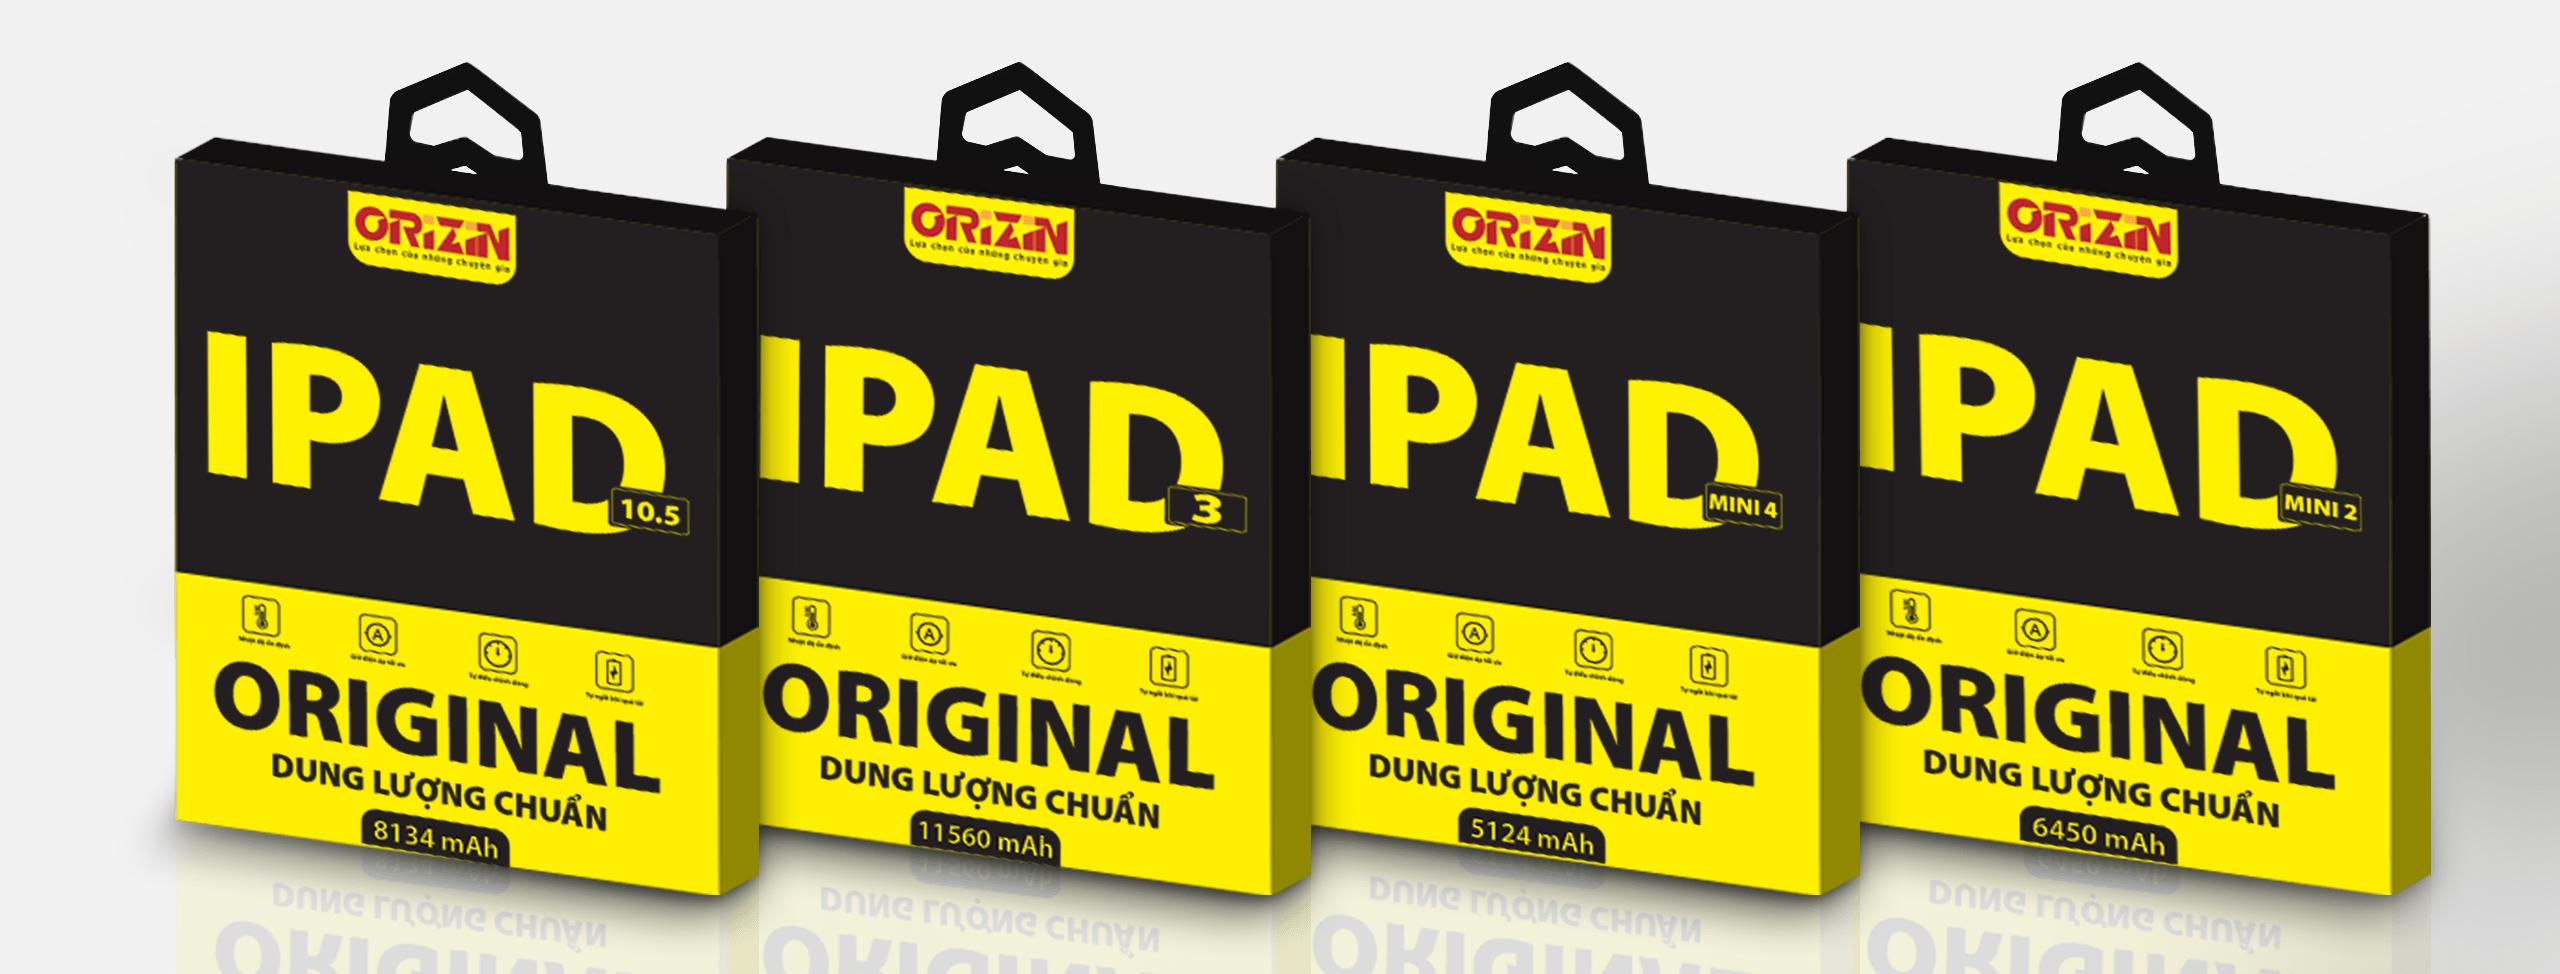 Pin Ipad chính hãng phiên bản chuẩn